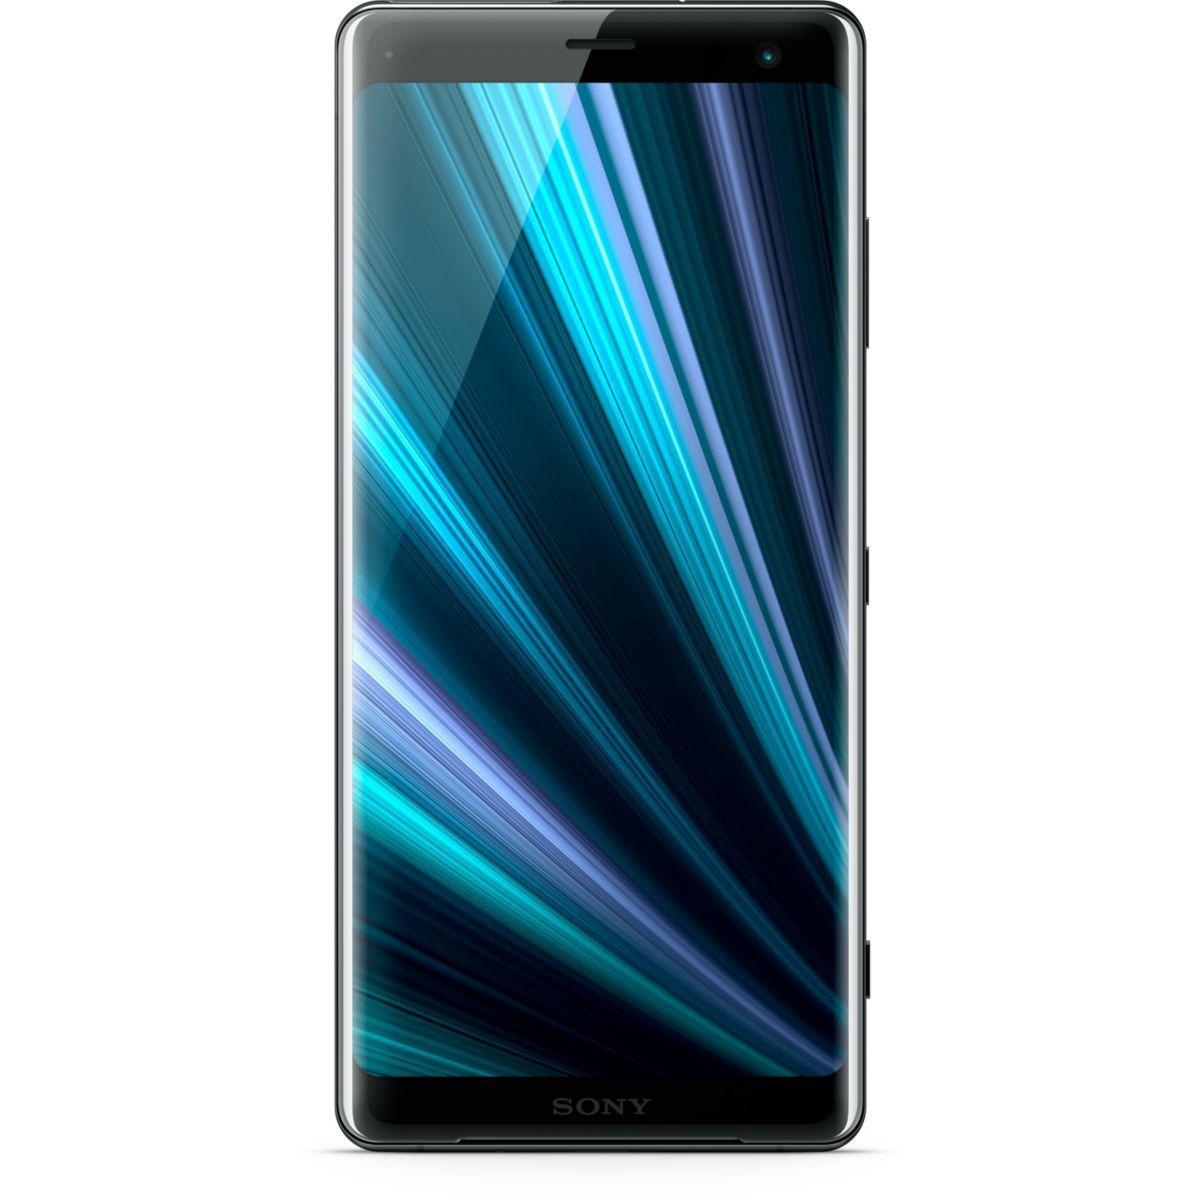 Smartphone sony xperia xz3 noir - 5% de remise imm�diate avec le code : deal5